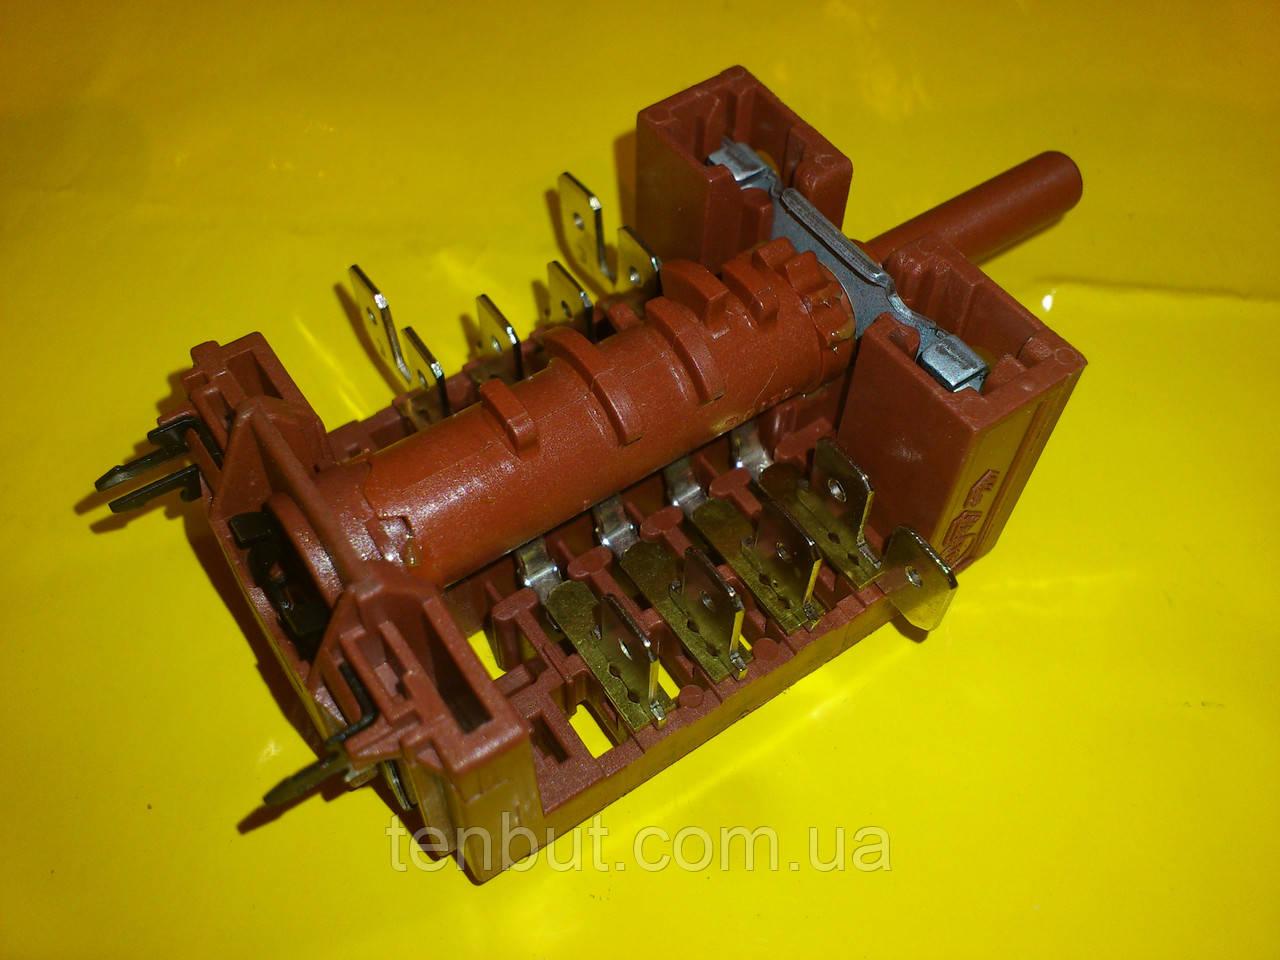 Перемикач для електродуховки HANSA 820405 / 5-ти позиційний виробництво Іспанія